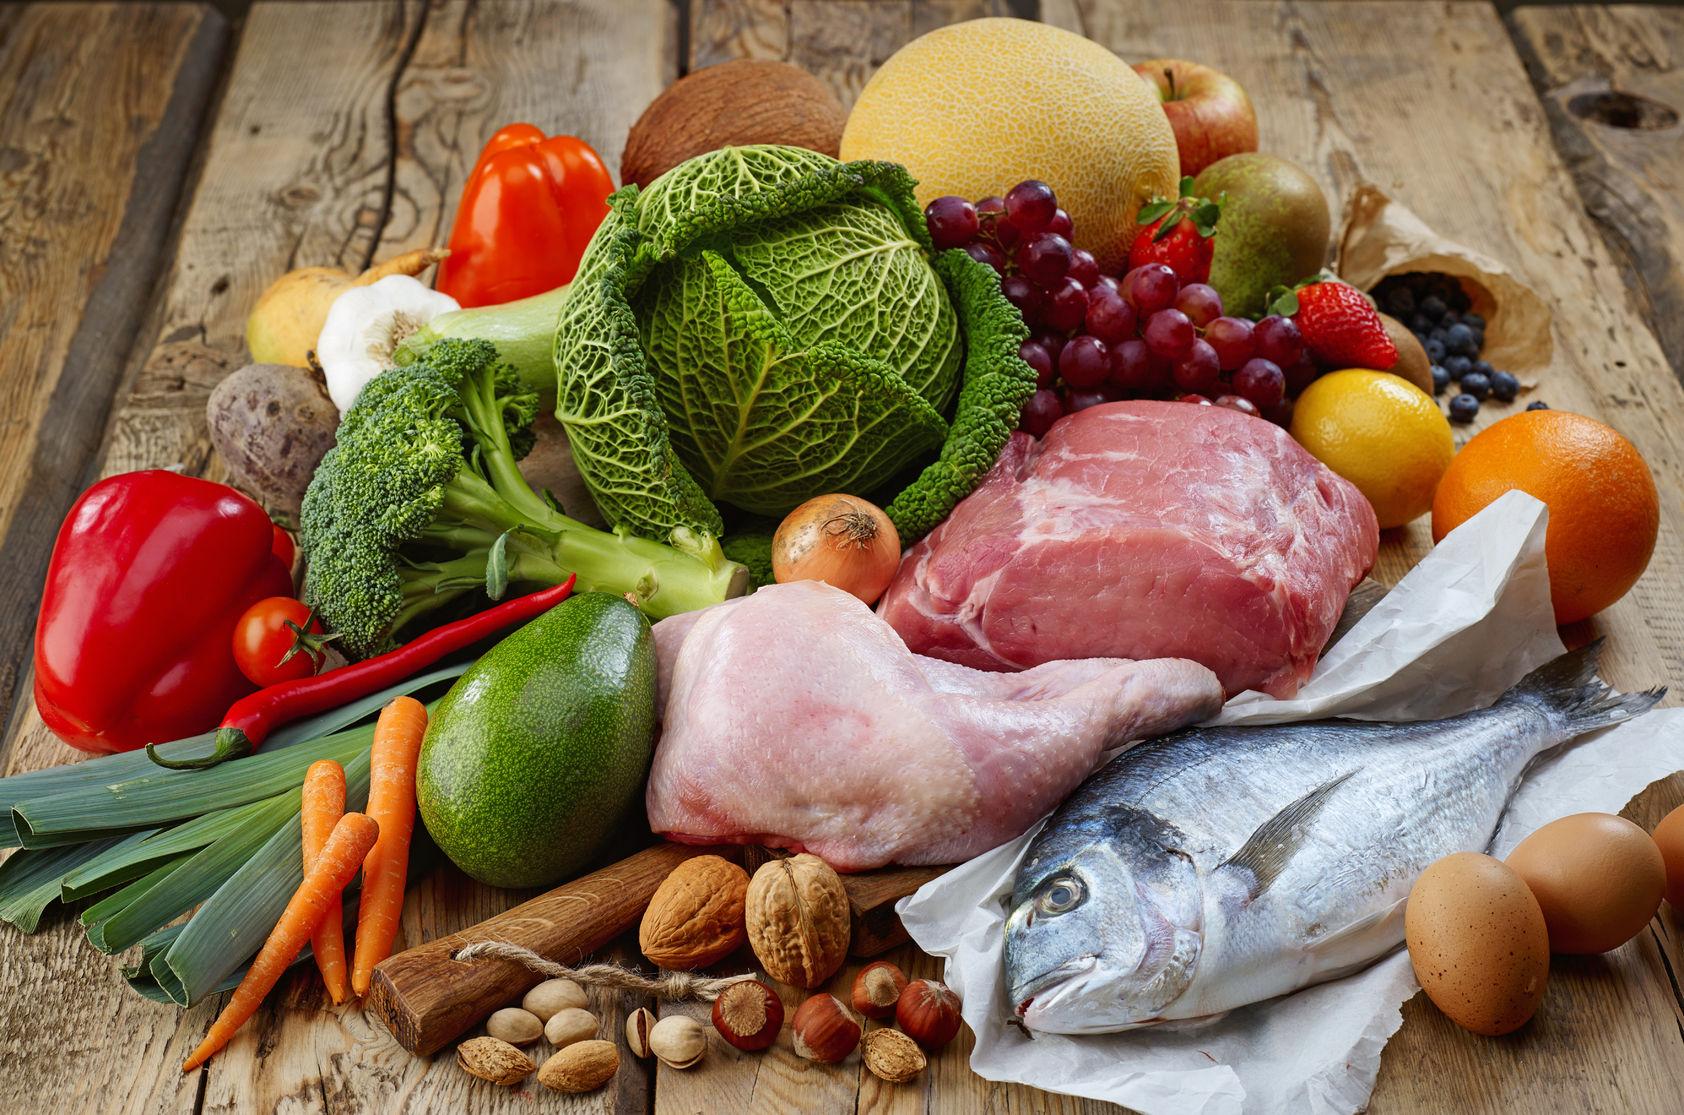 ダイエットにはバランスの良い食事が重要